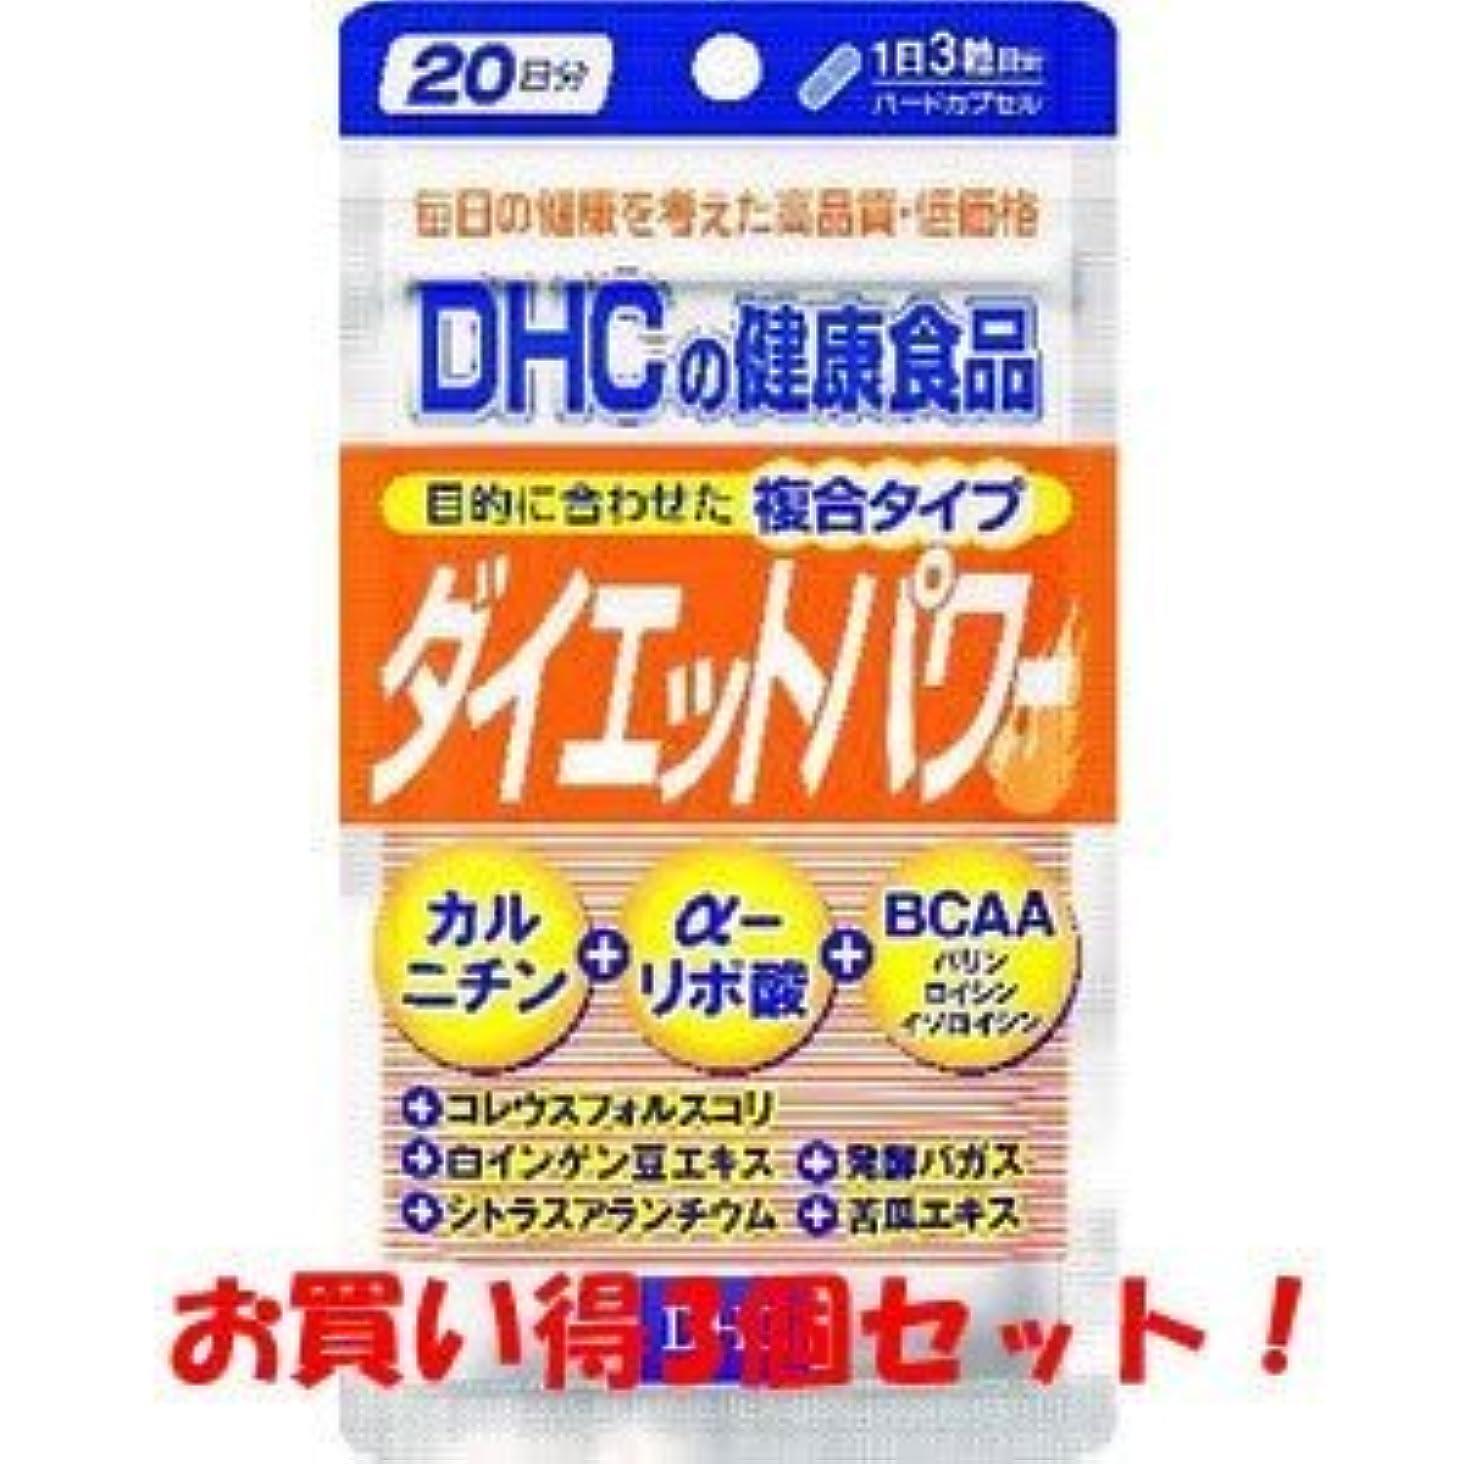 健康的主張マイクロプロセッサDHC ダイエットパワー20日分 60粒(お買い得3個セット)